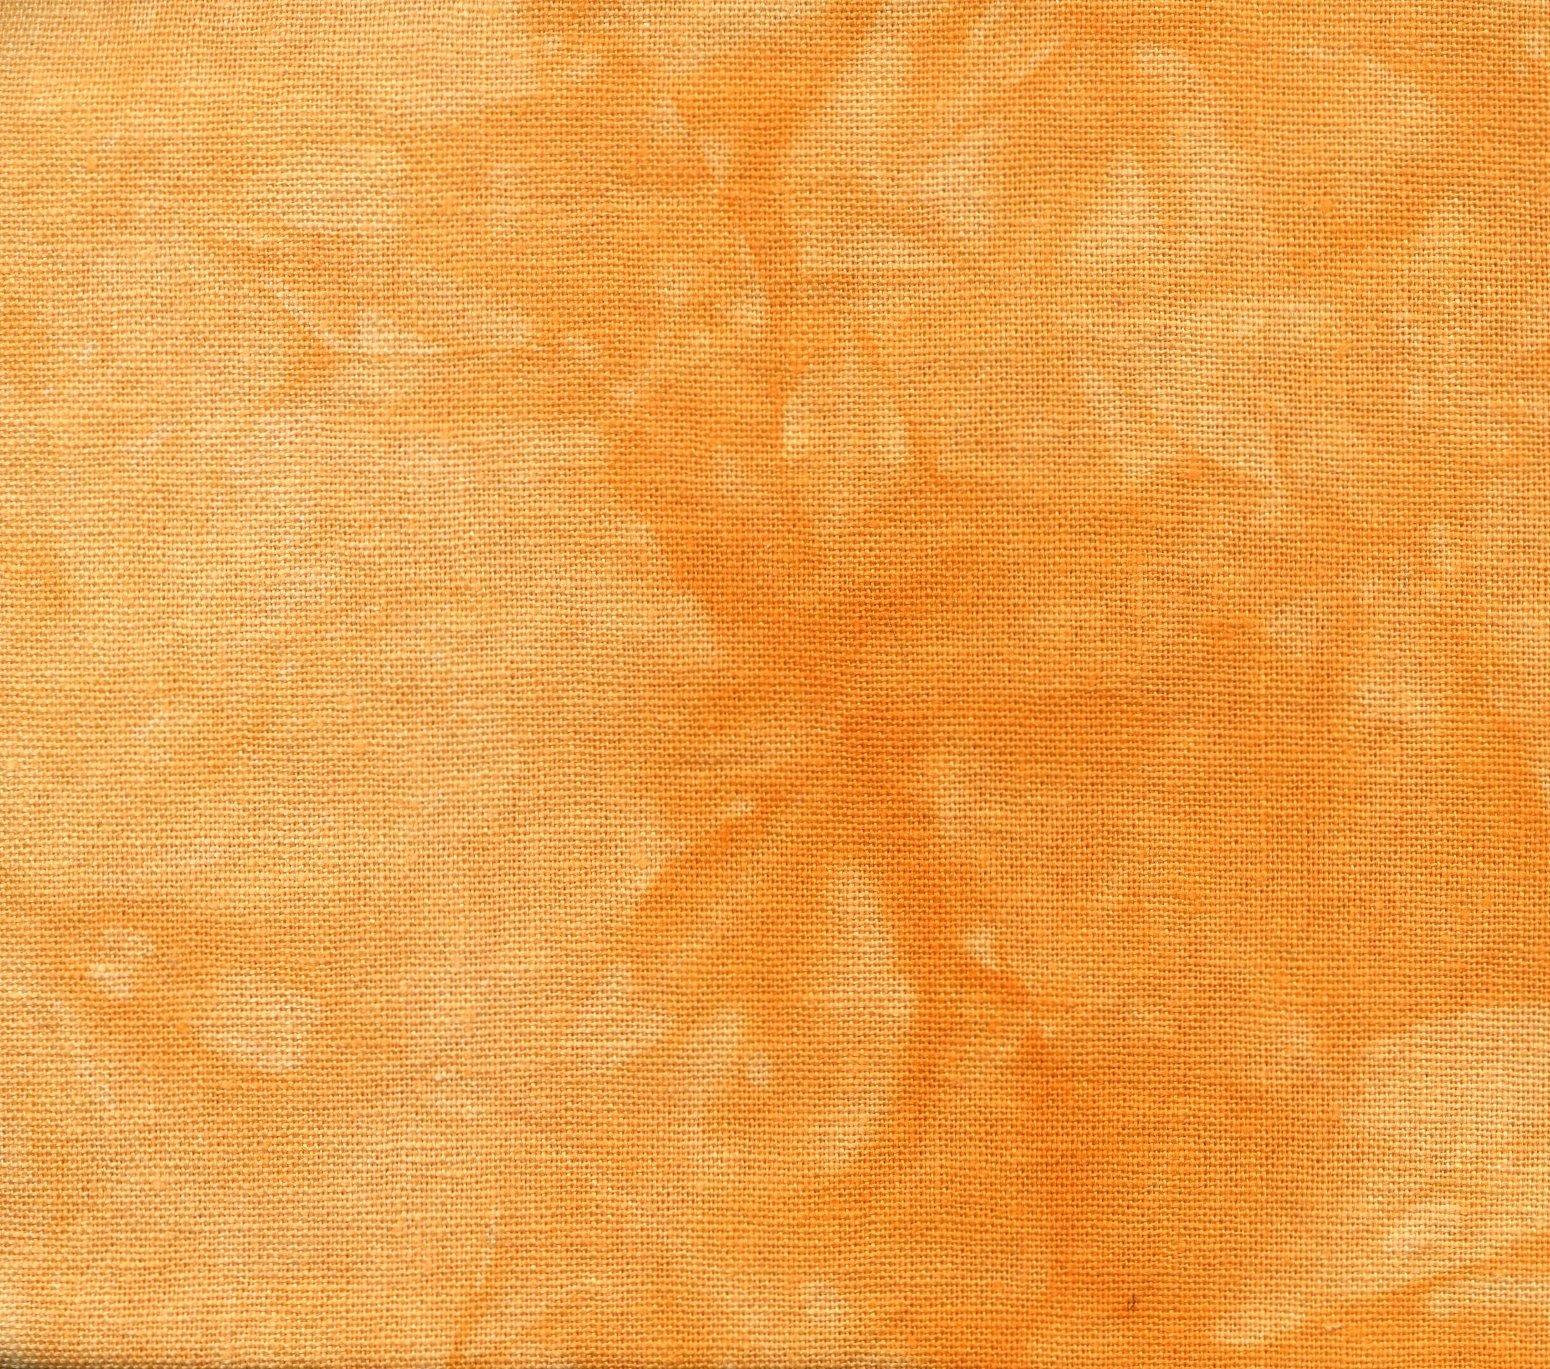 Pumpkin Hand-Dyed Linen